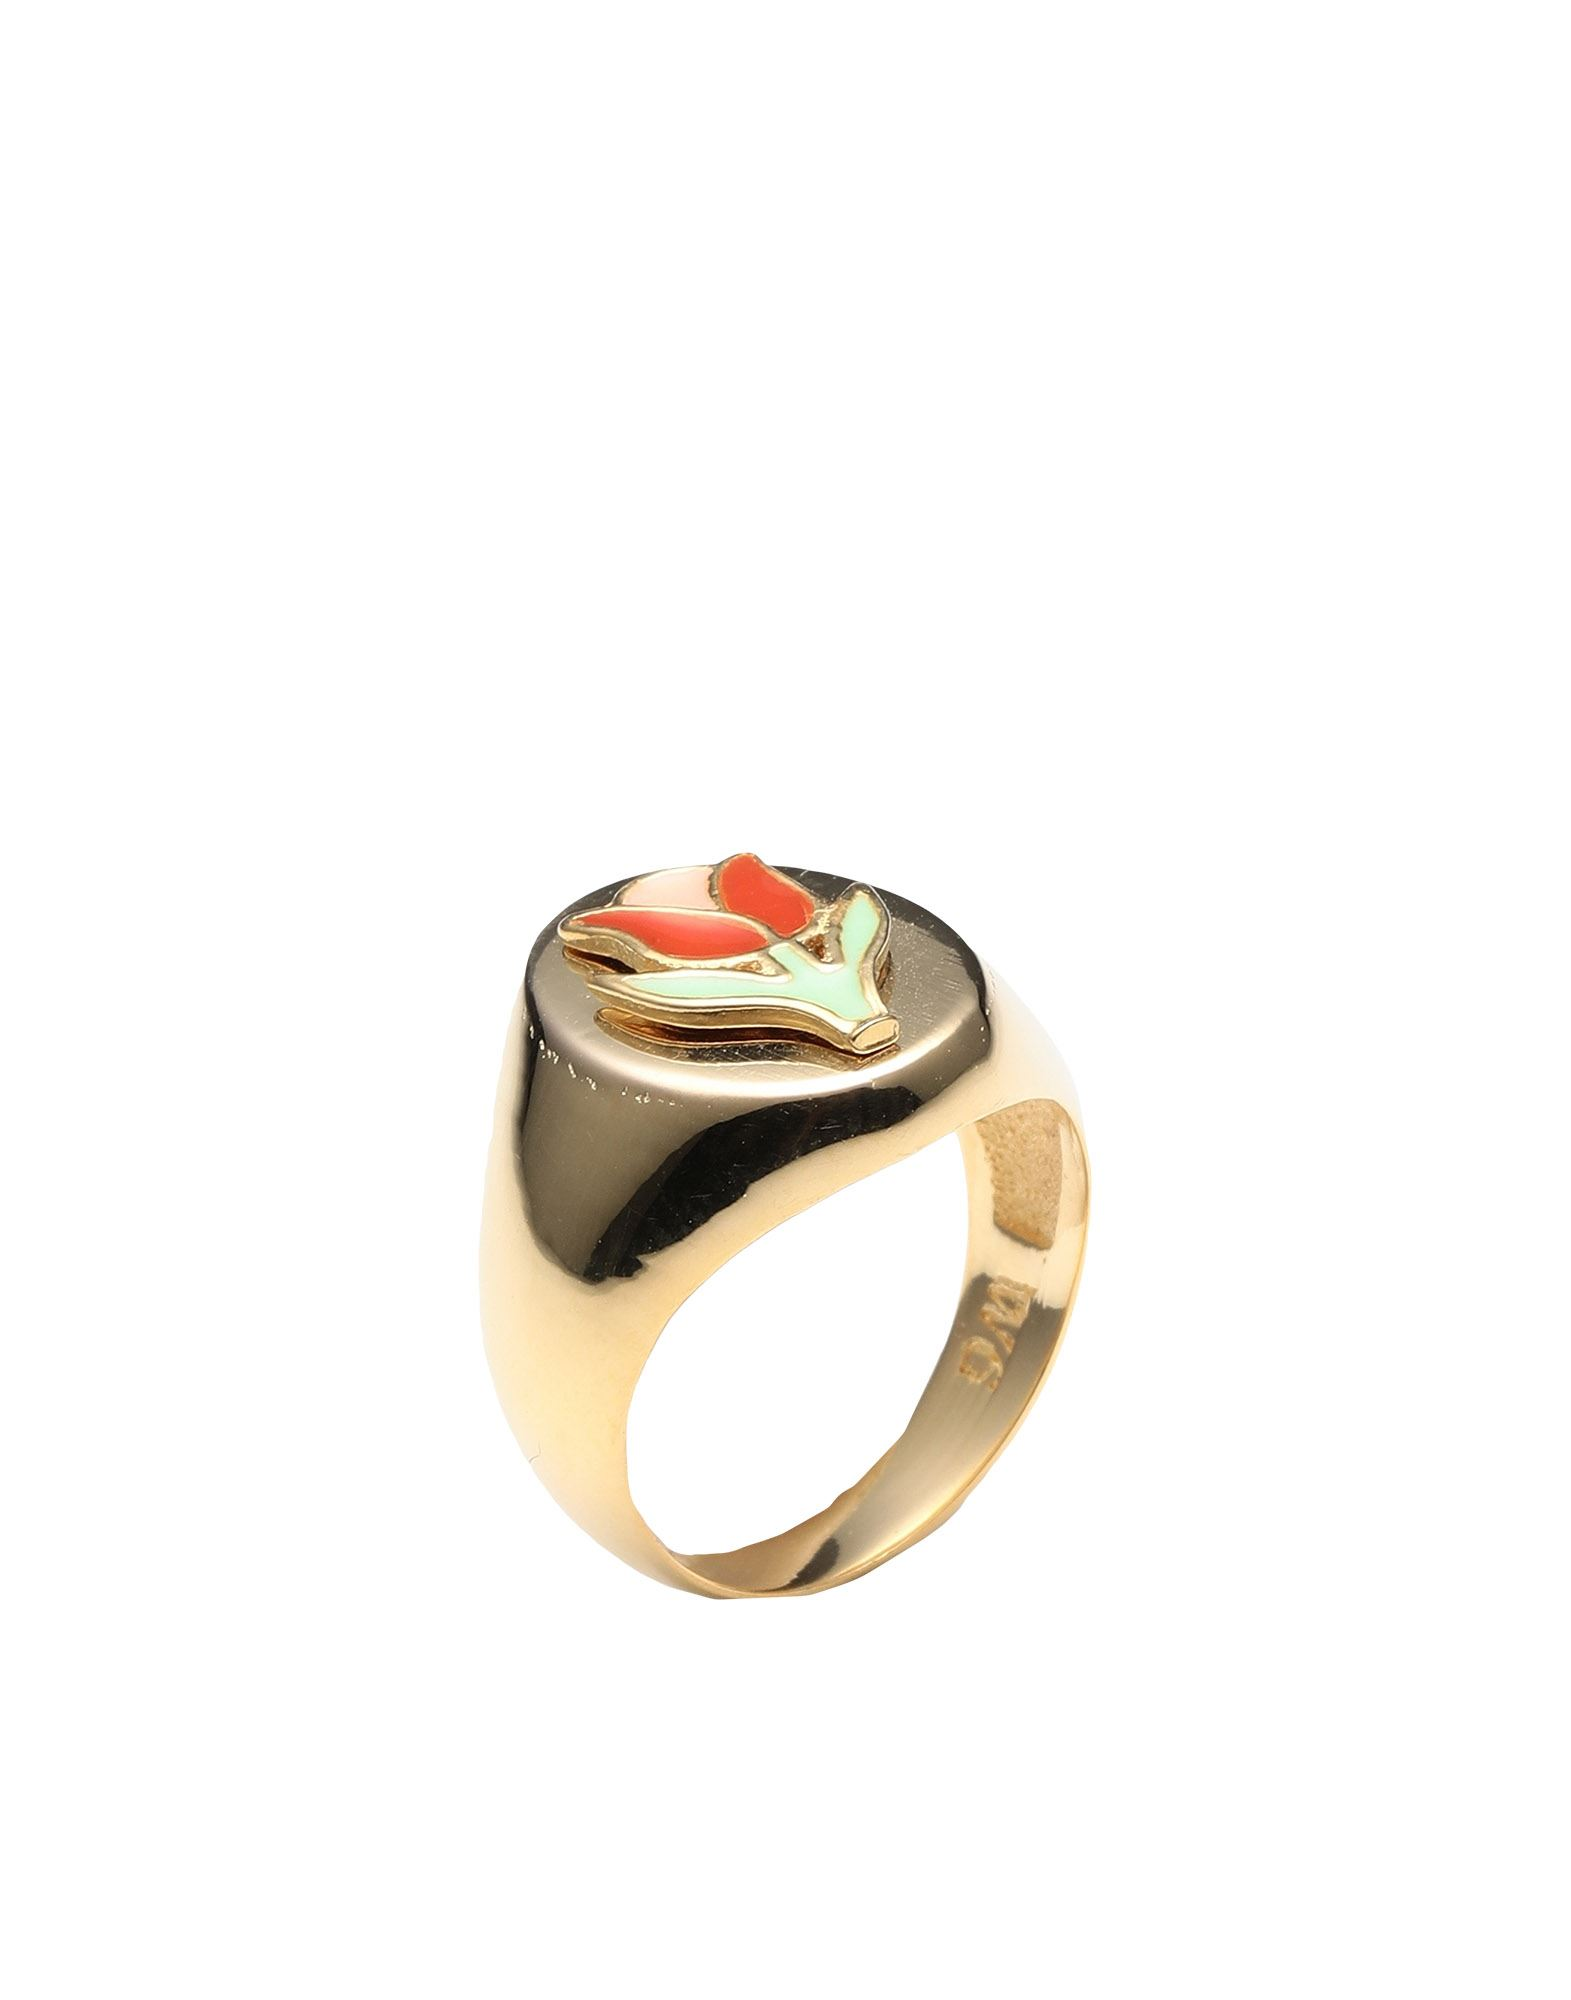 《セール開催中》WILHELMINA GARCIA レディース 指輪 ゴールド 46 シルバー925/1000 / 18金メッキ GOLD TULIP RING